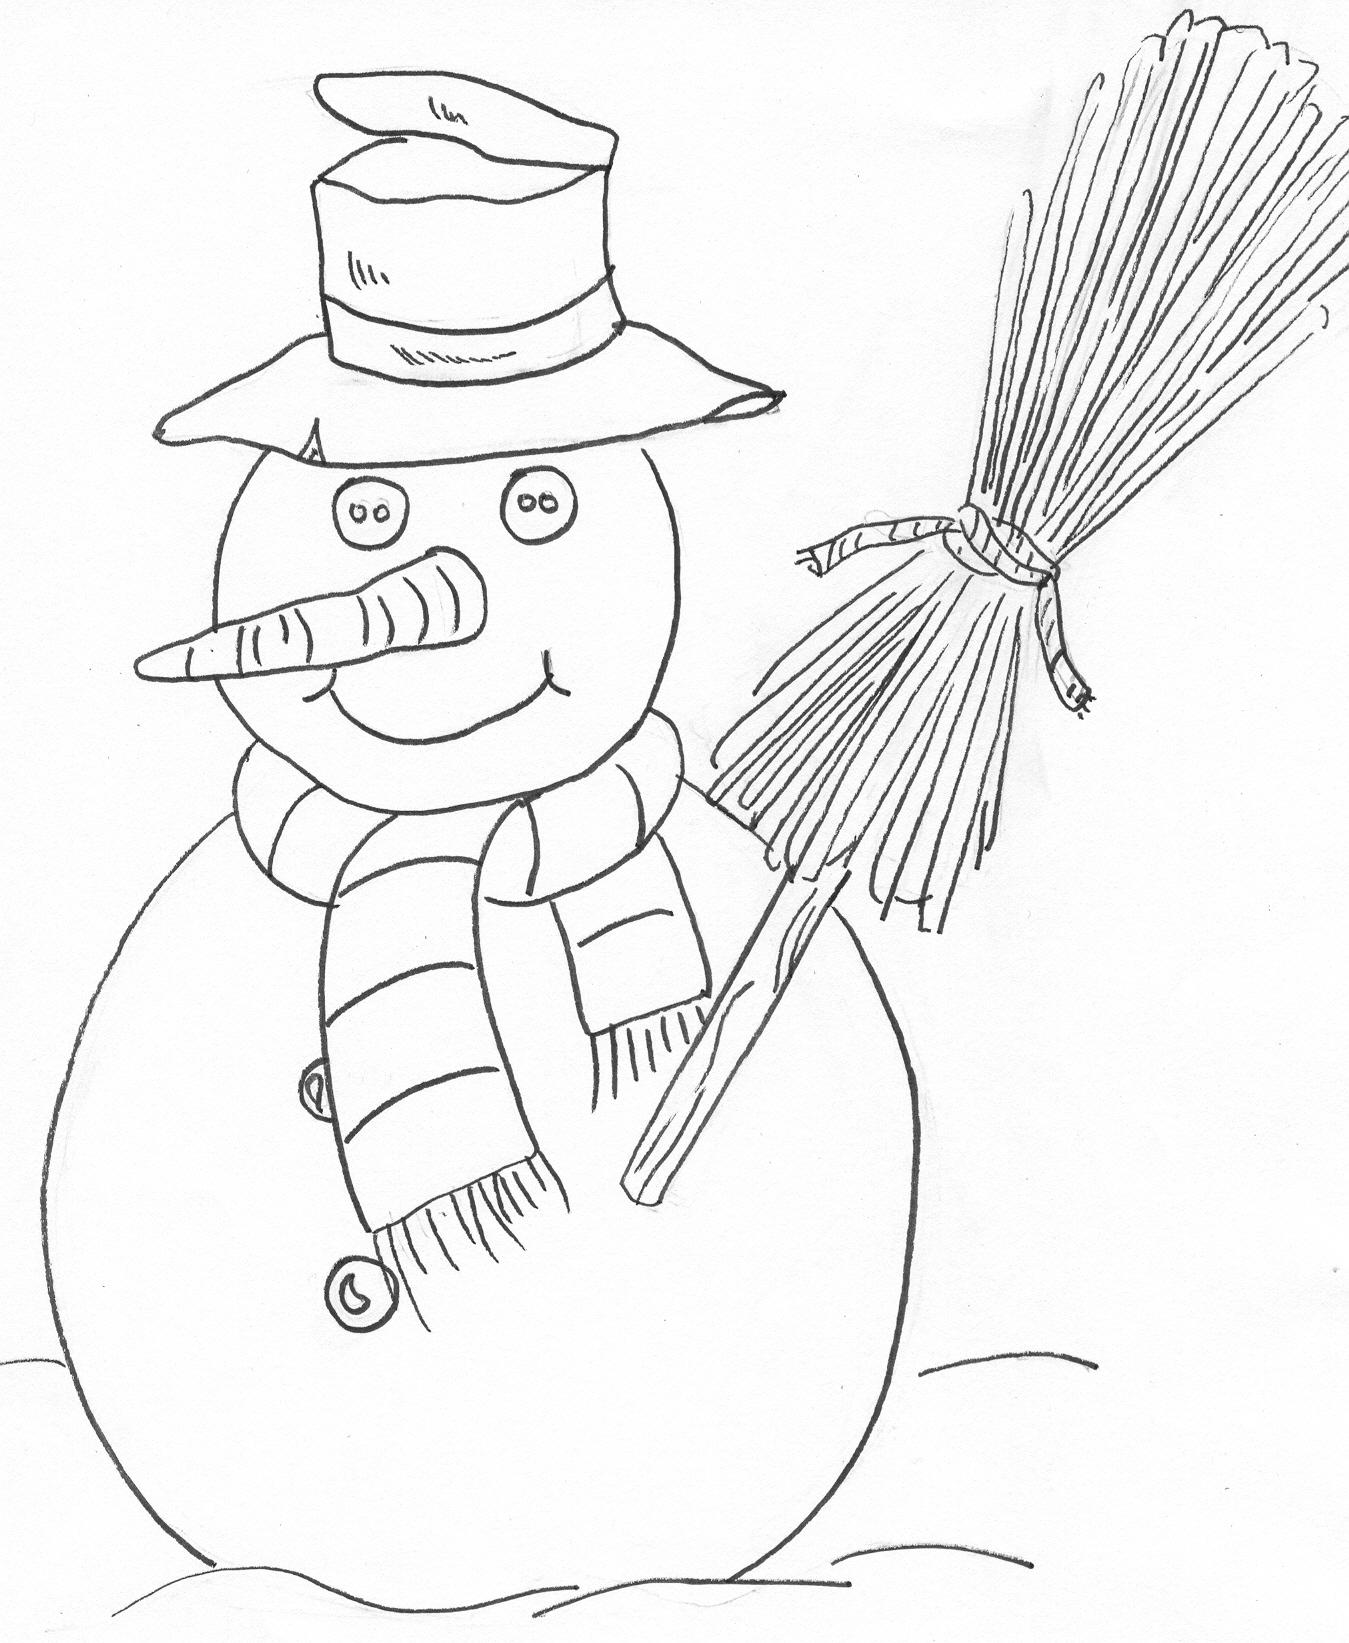 Petites observations automobiles poa un regard - Bonhomme de neige decoration exterieure ...